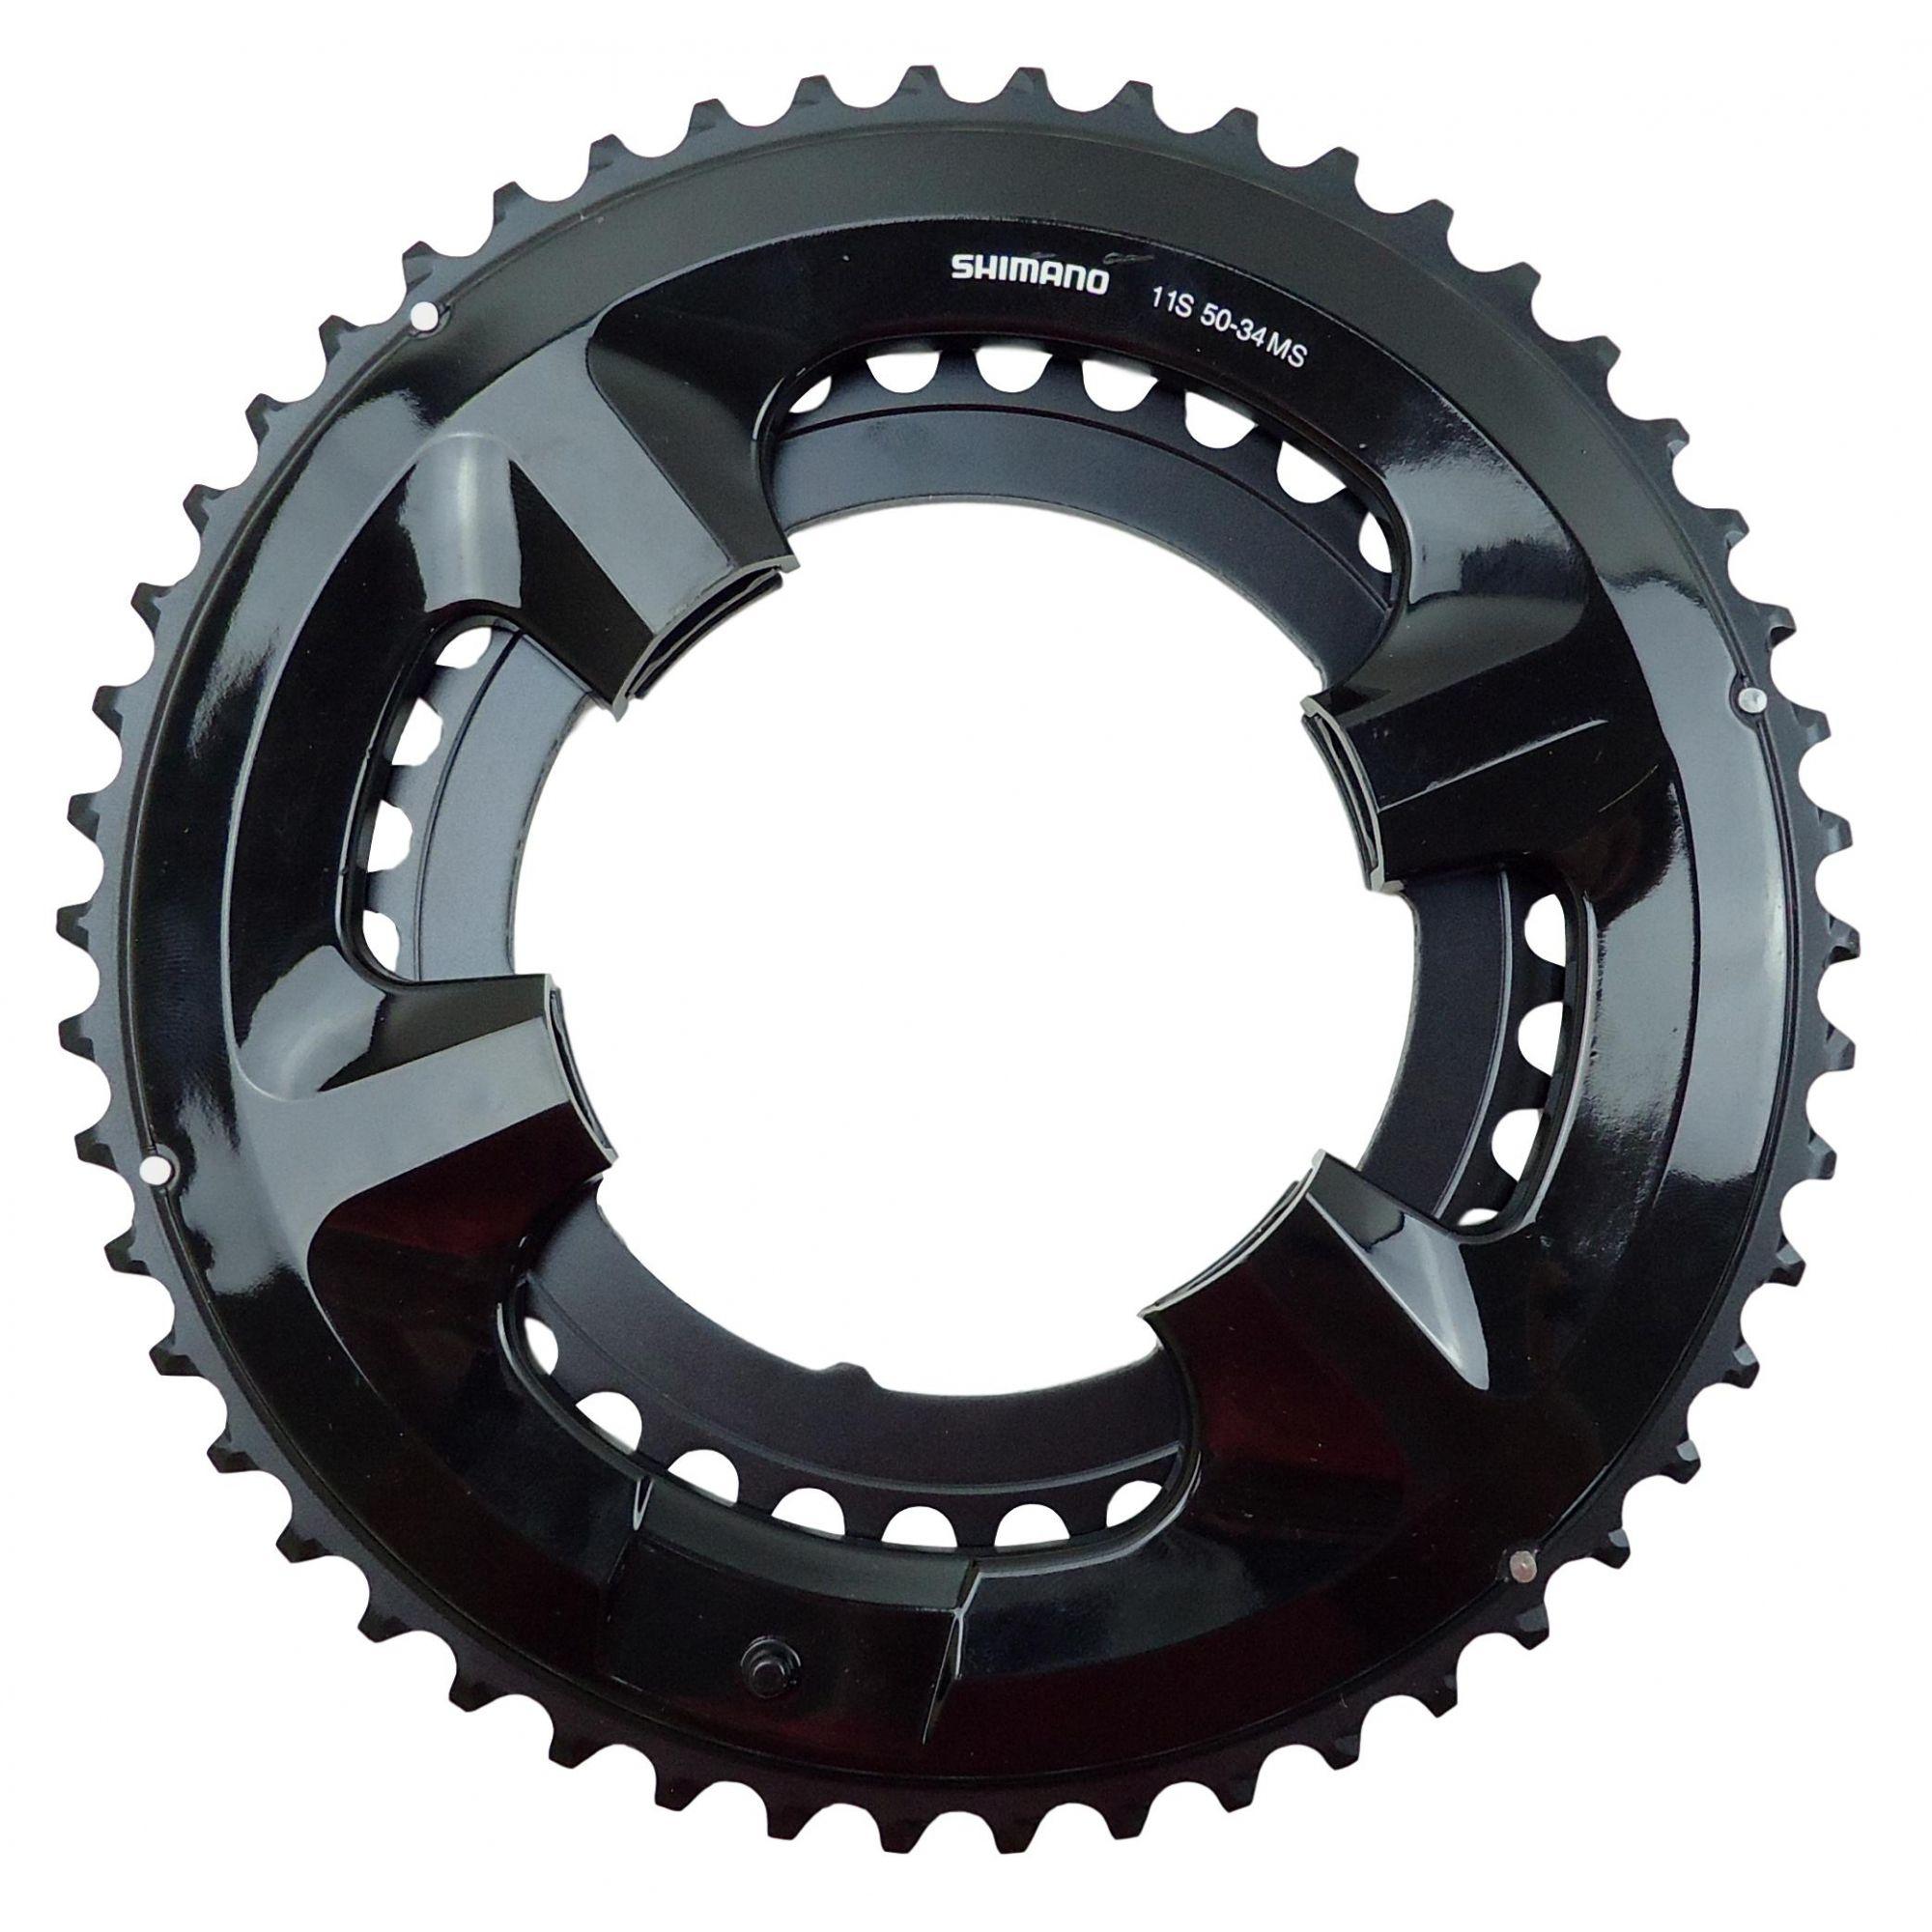 Coroas Dupla Bicicleta Speed Shimano 50-34 dentes para Pedivelas Shimano Tiagra 105 Ultegra Dura-ace 4 Furos BCD 110mm